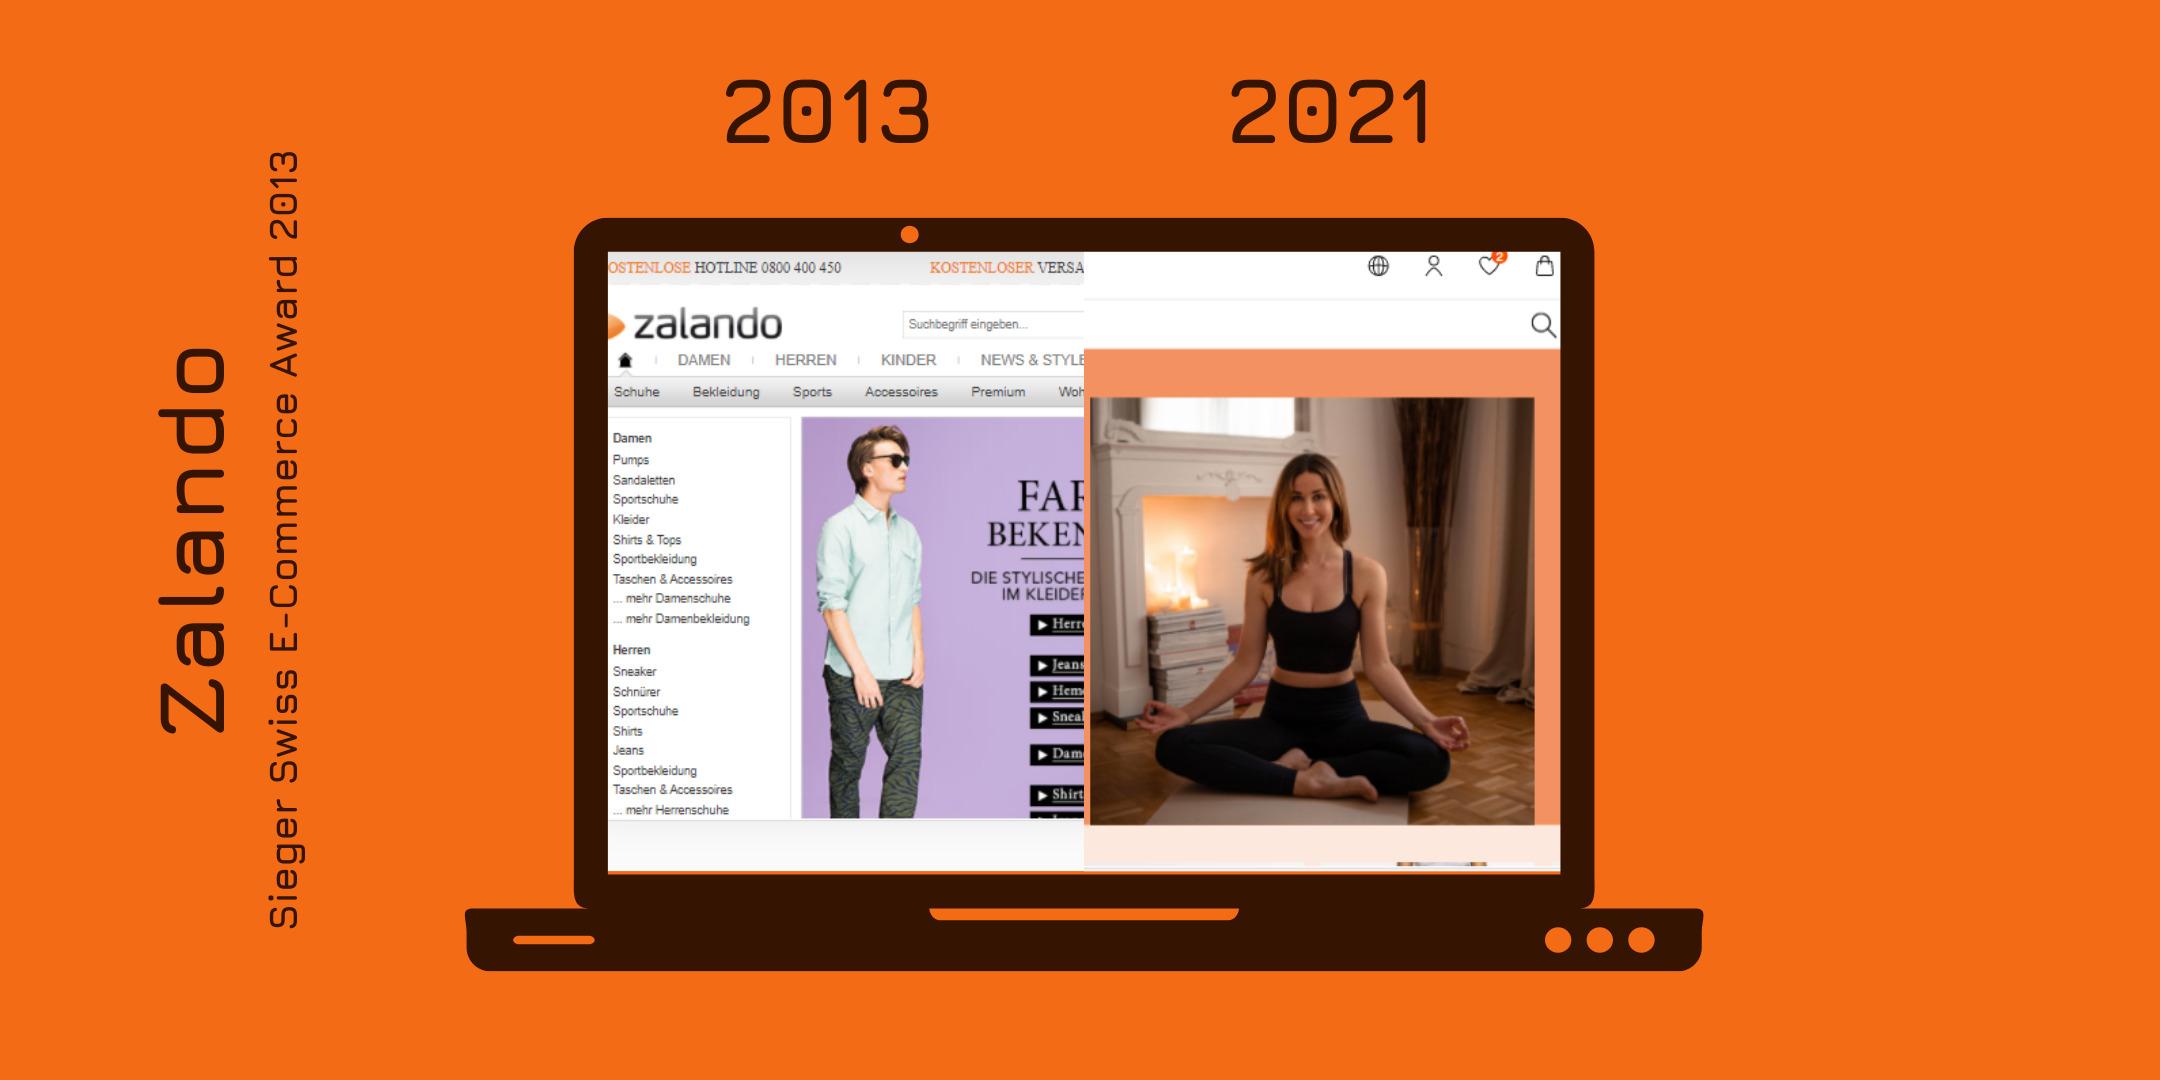 Der Onlineshop von Zalando 2013 und heute gegenübergestellt.